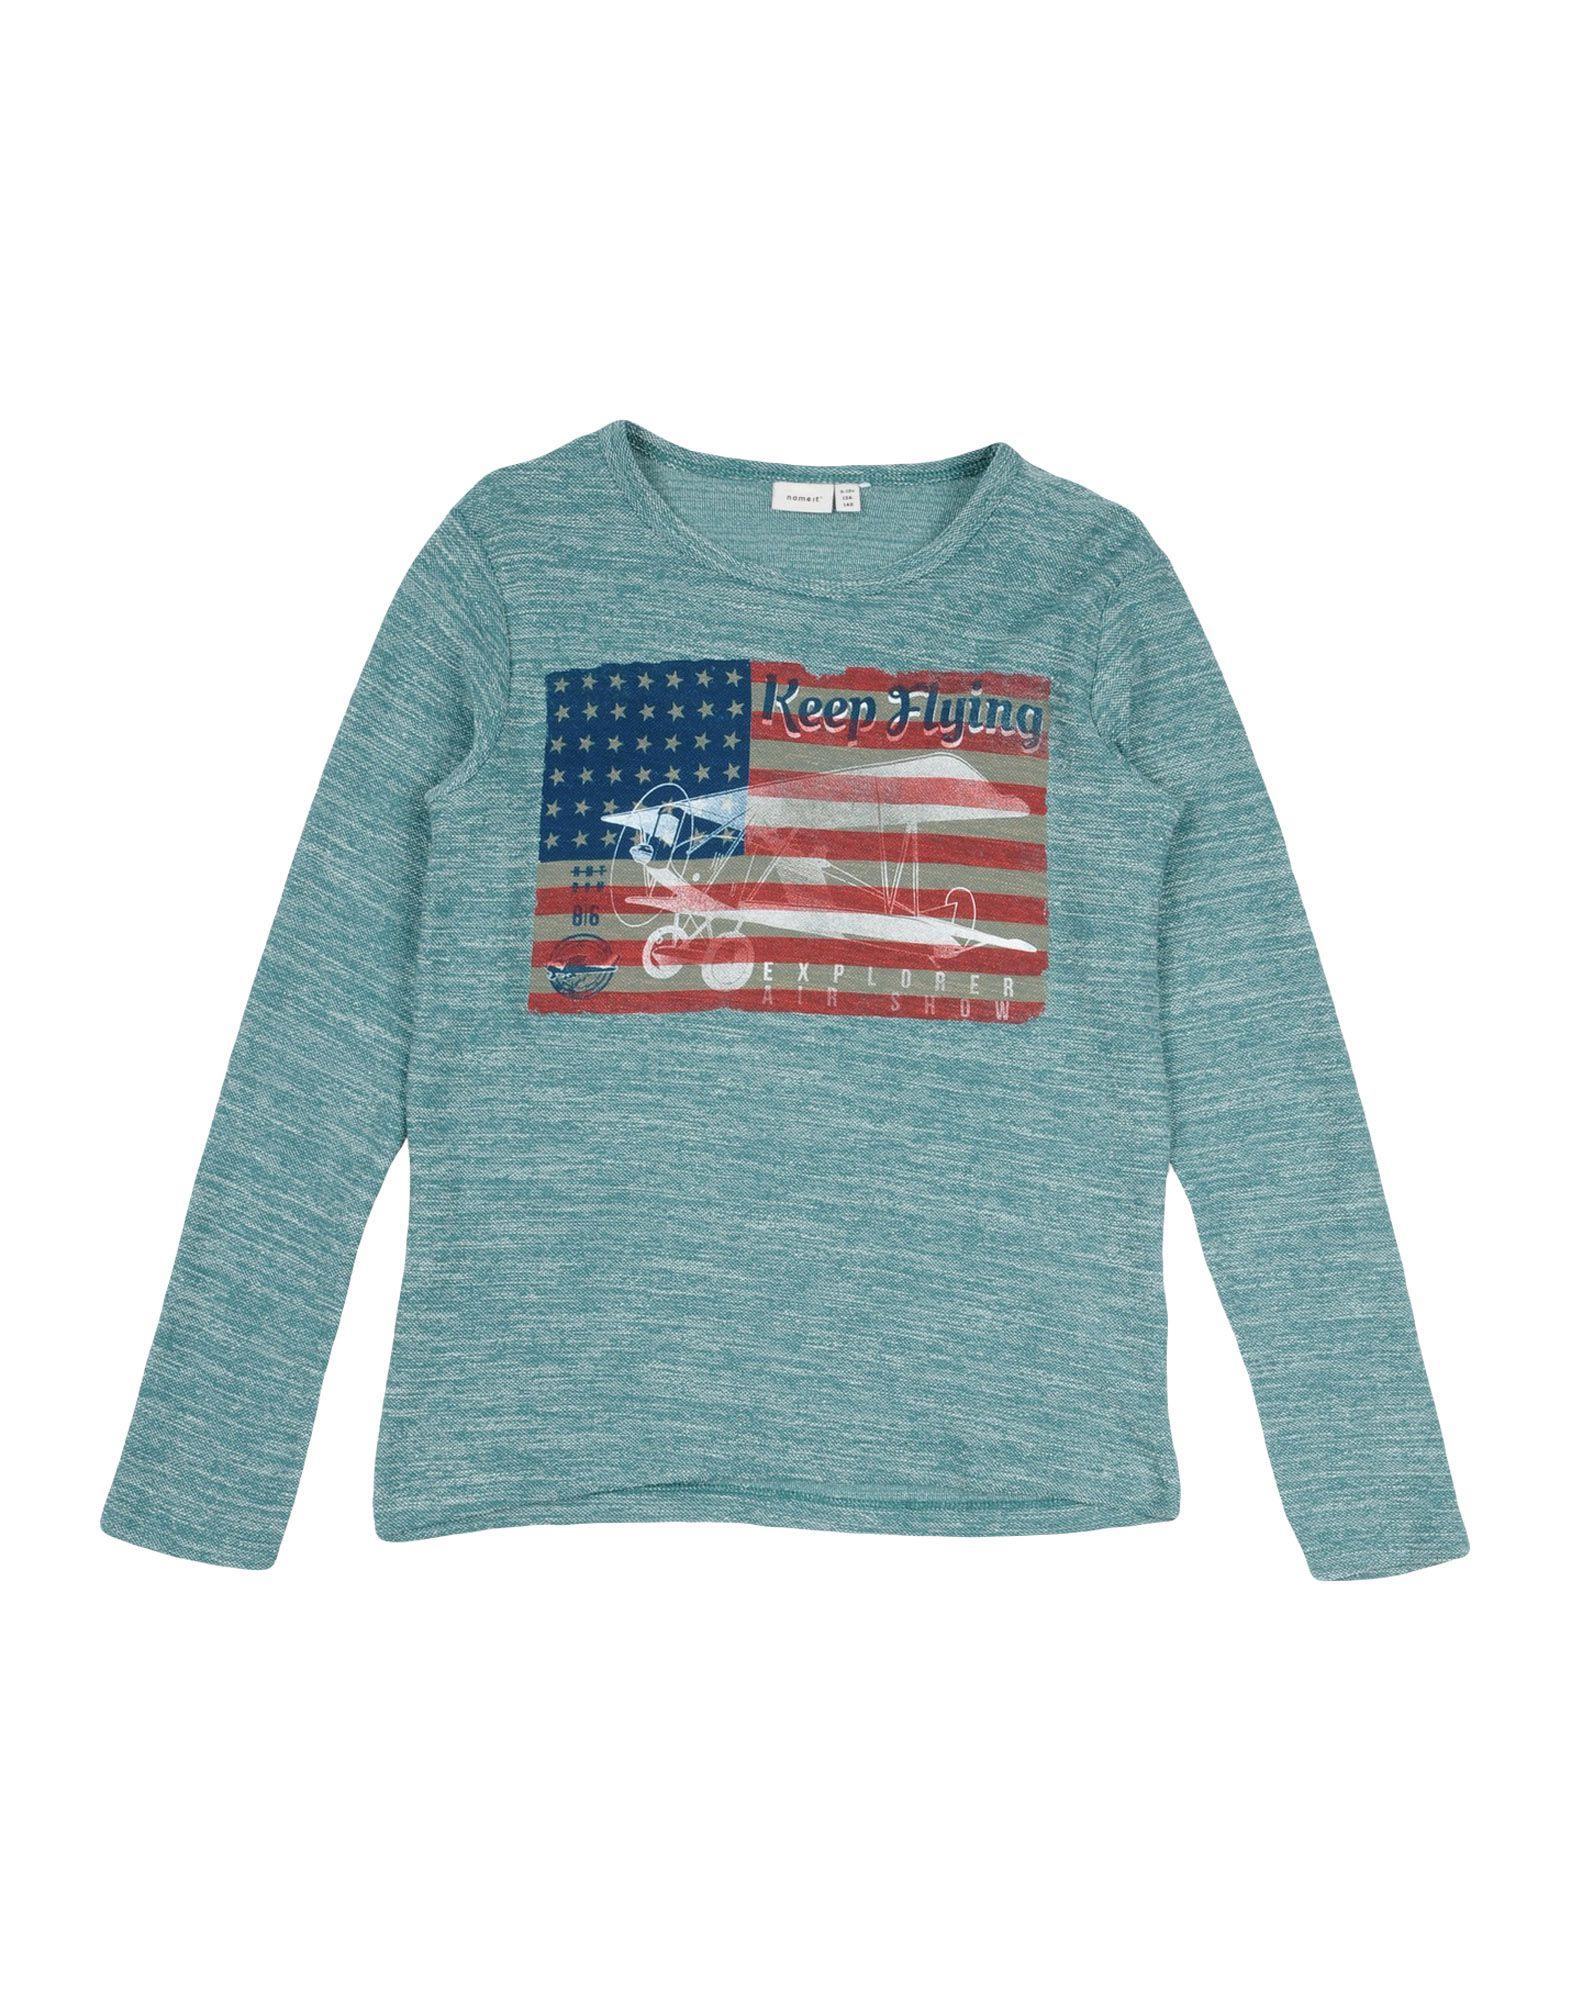 NAME IT® Jungen 9-16 jahre Sweatshirt1 grün